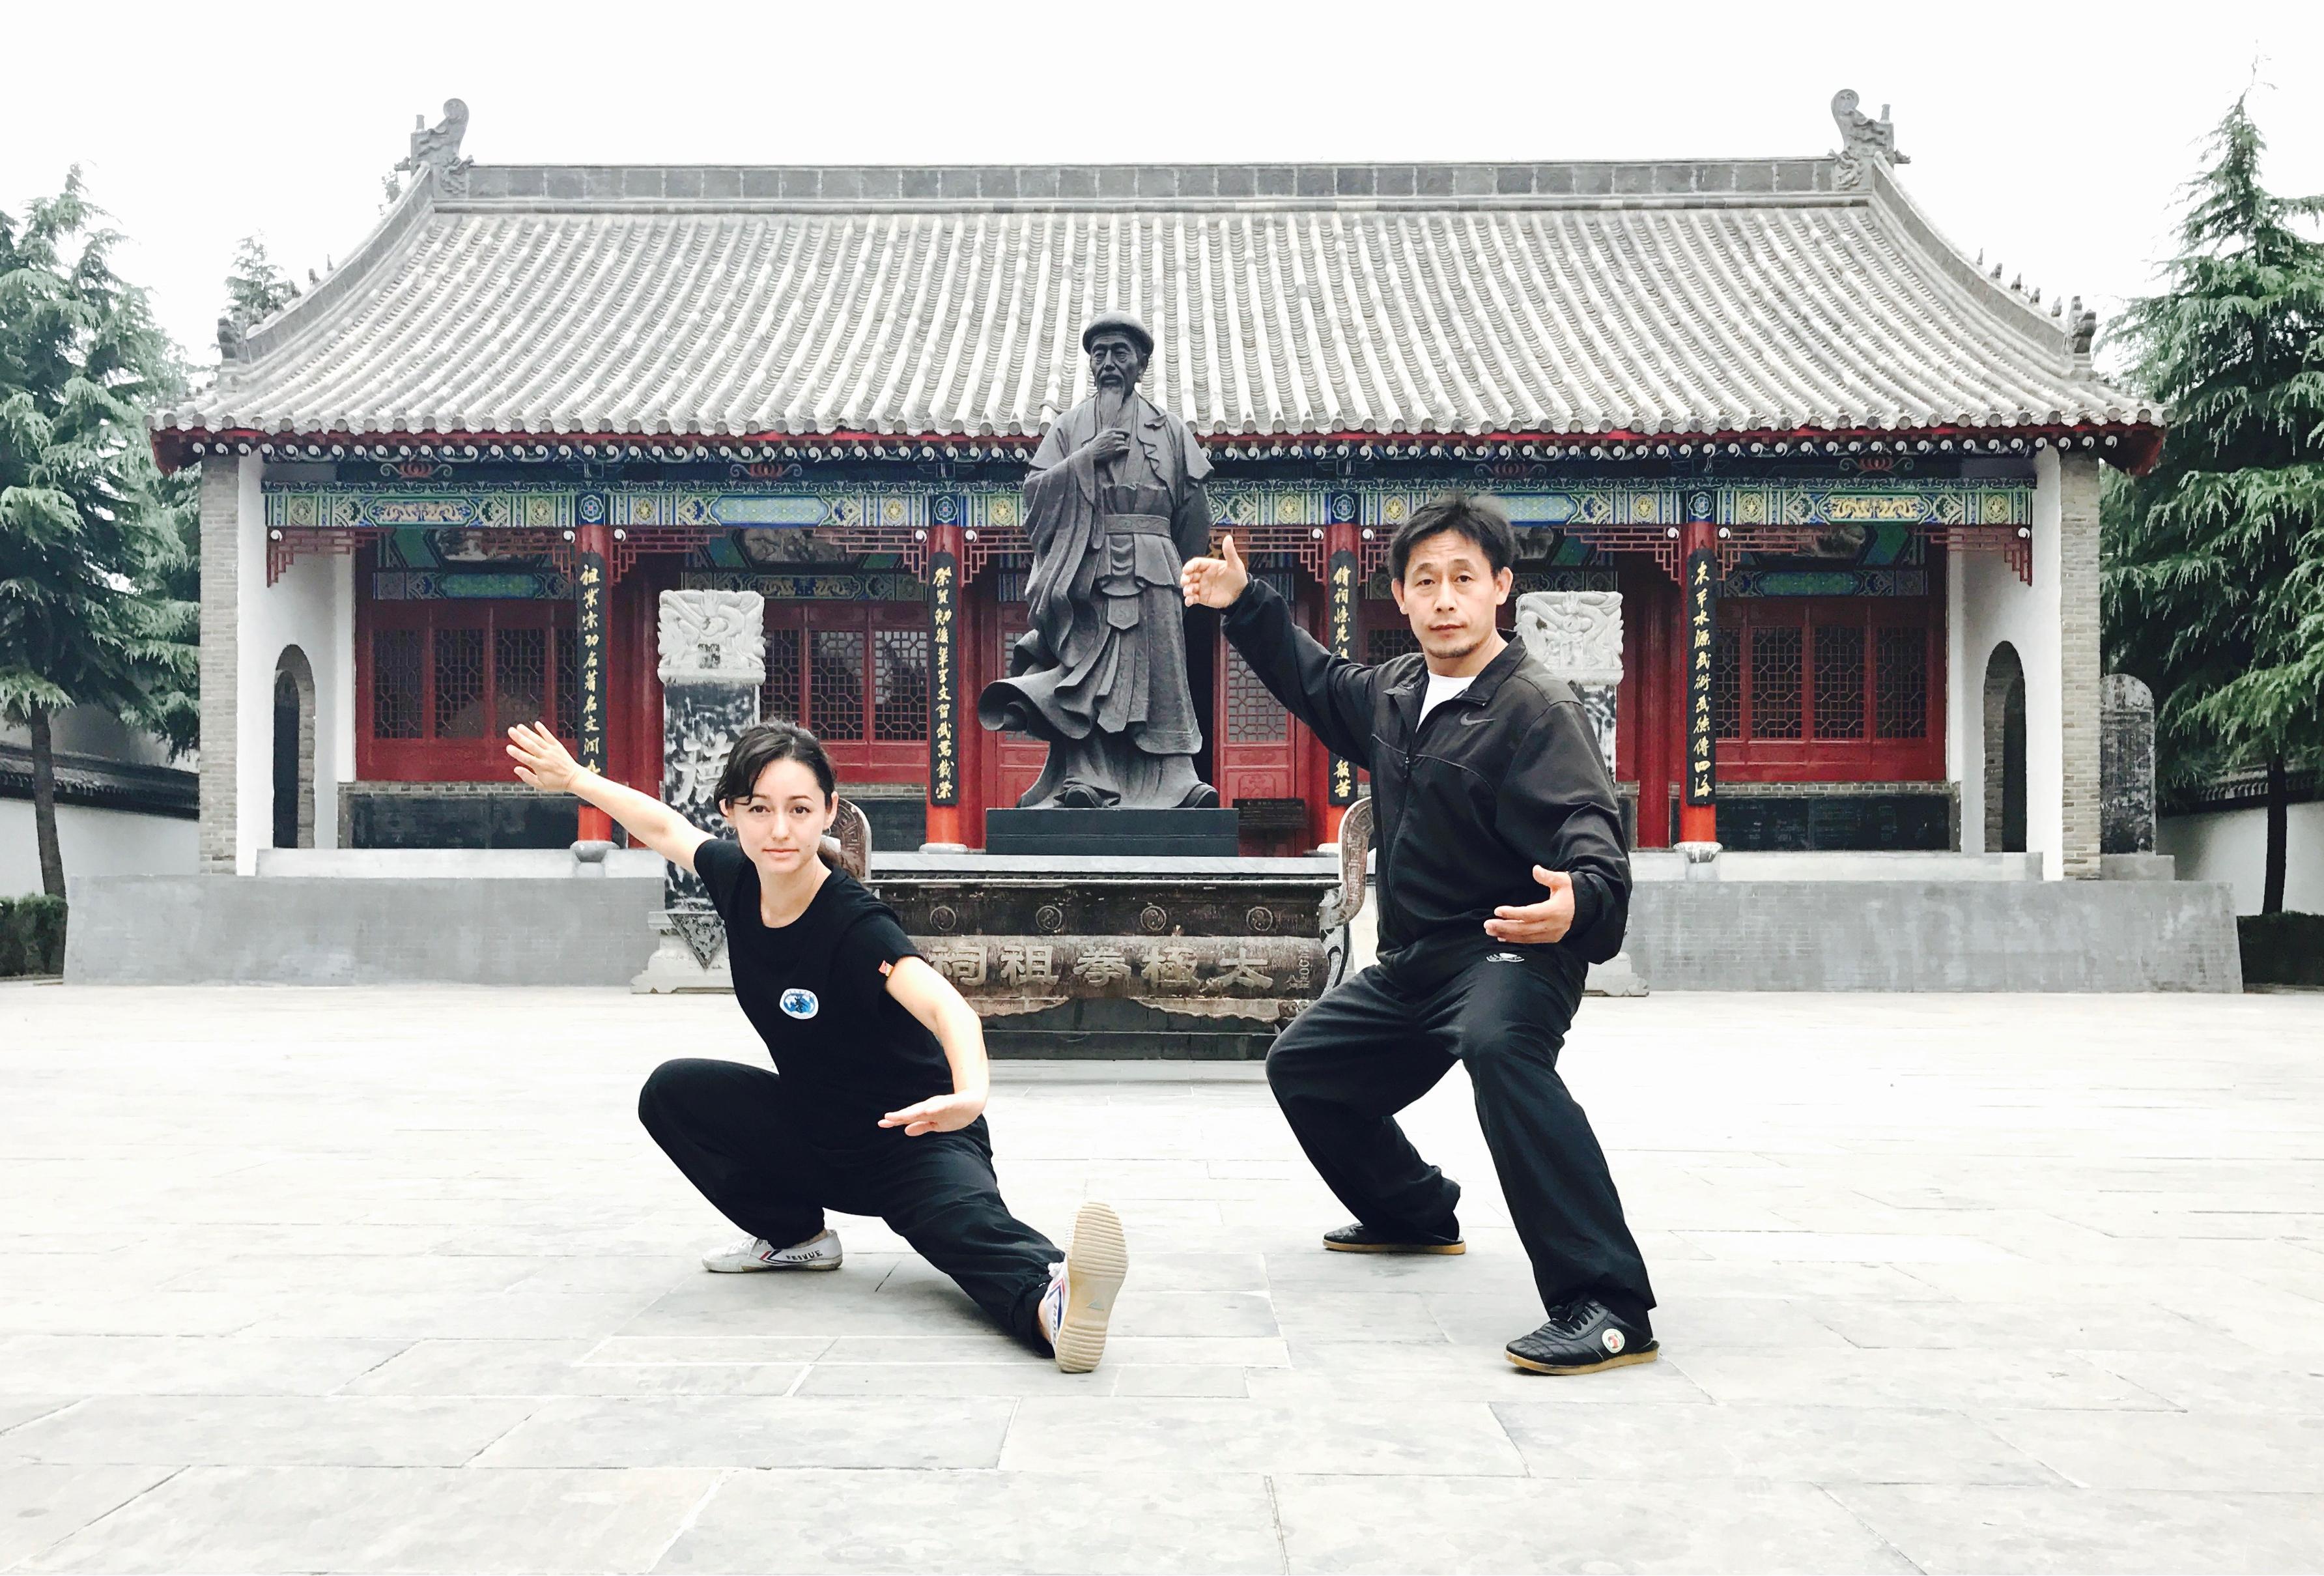 Alicia McGrann & Chen Ziqiang